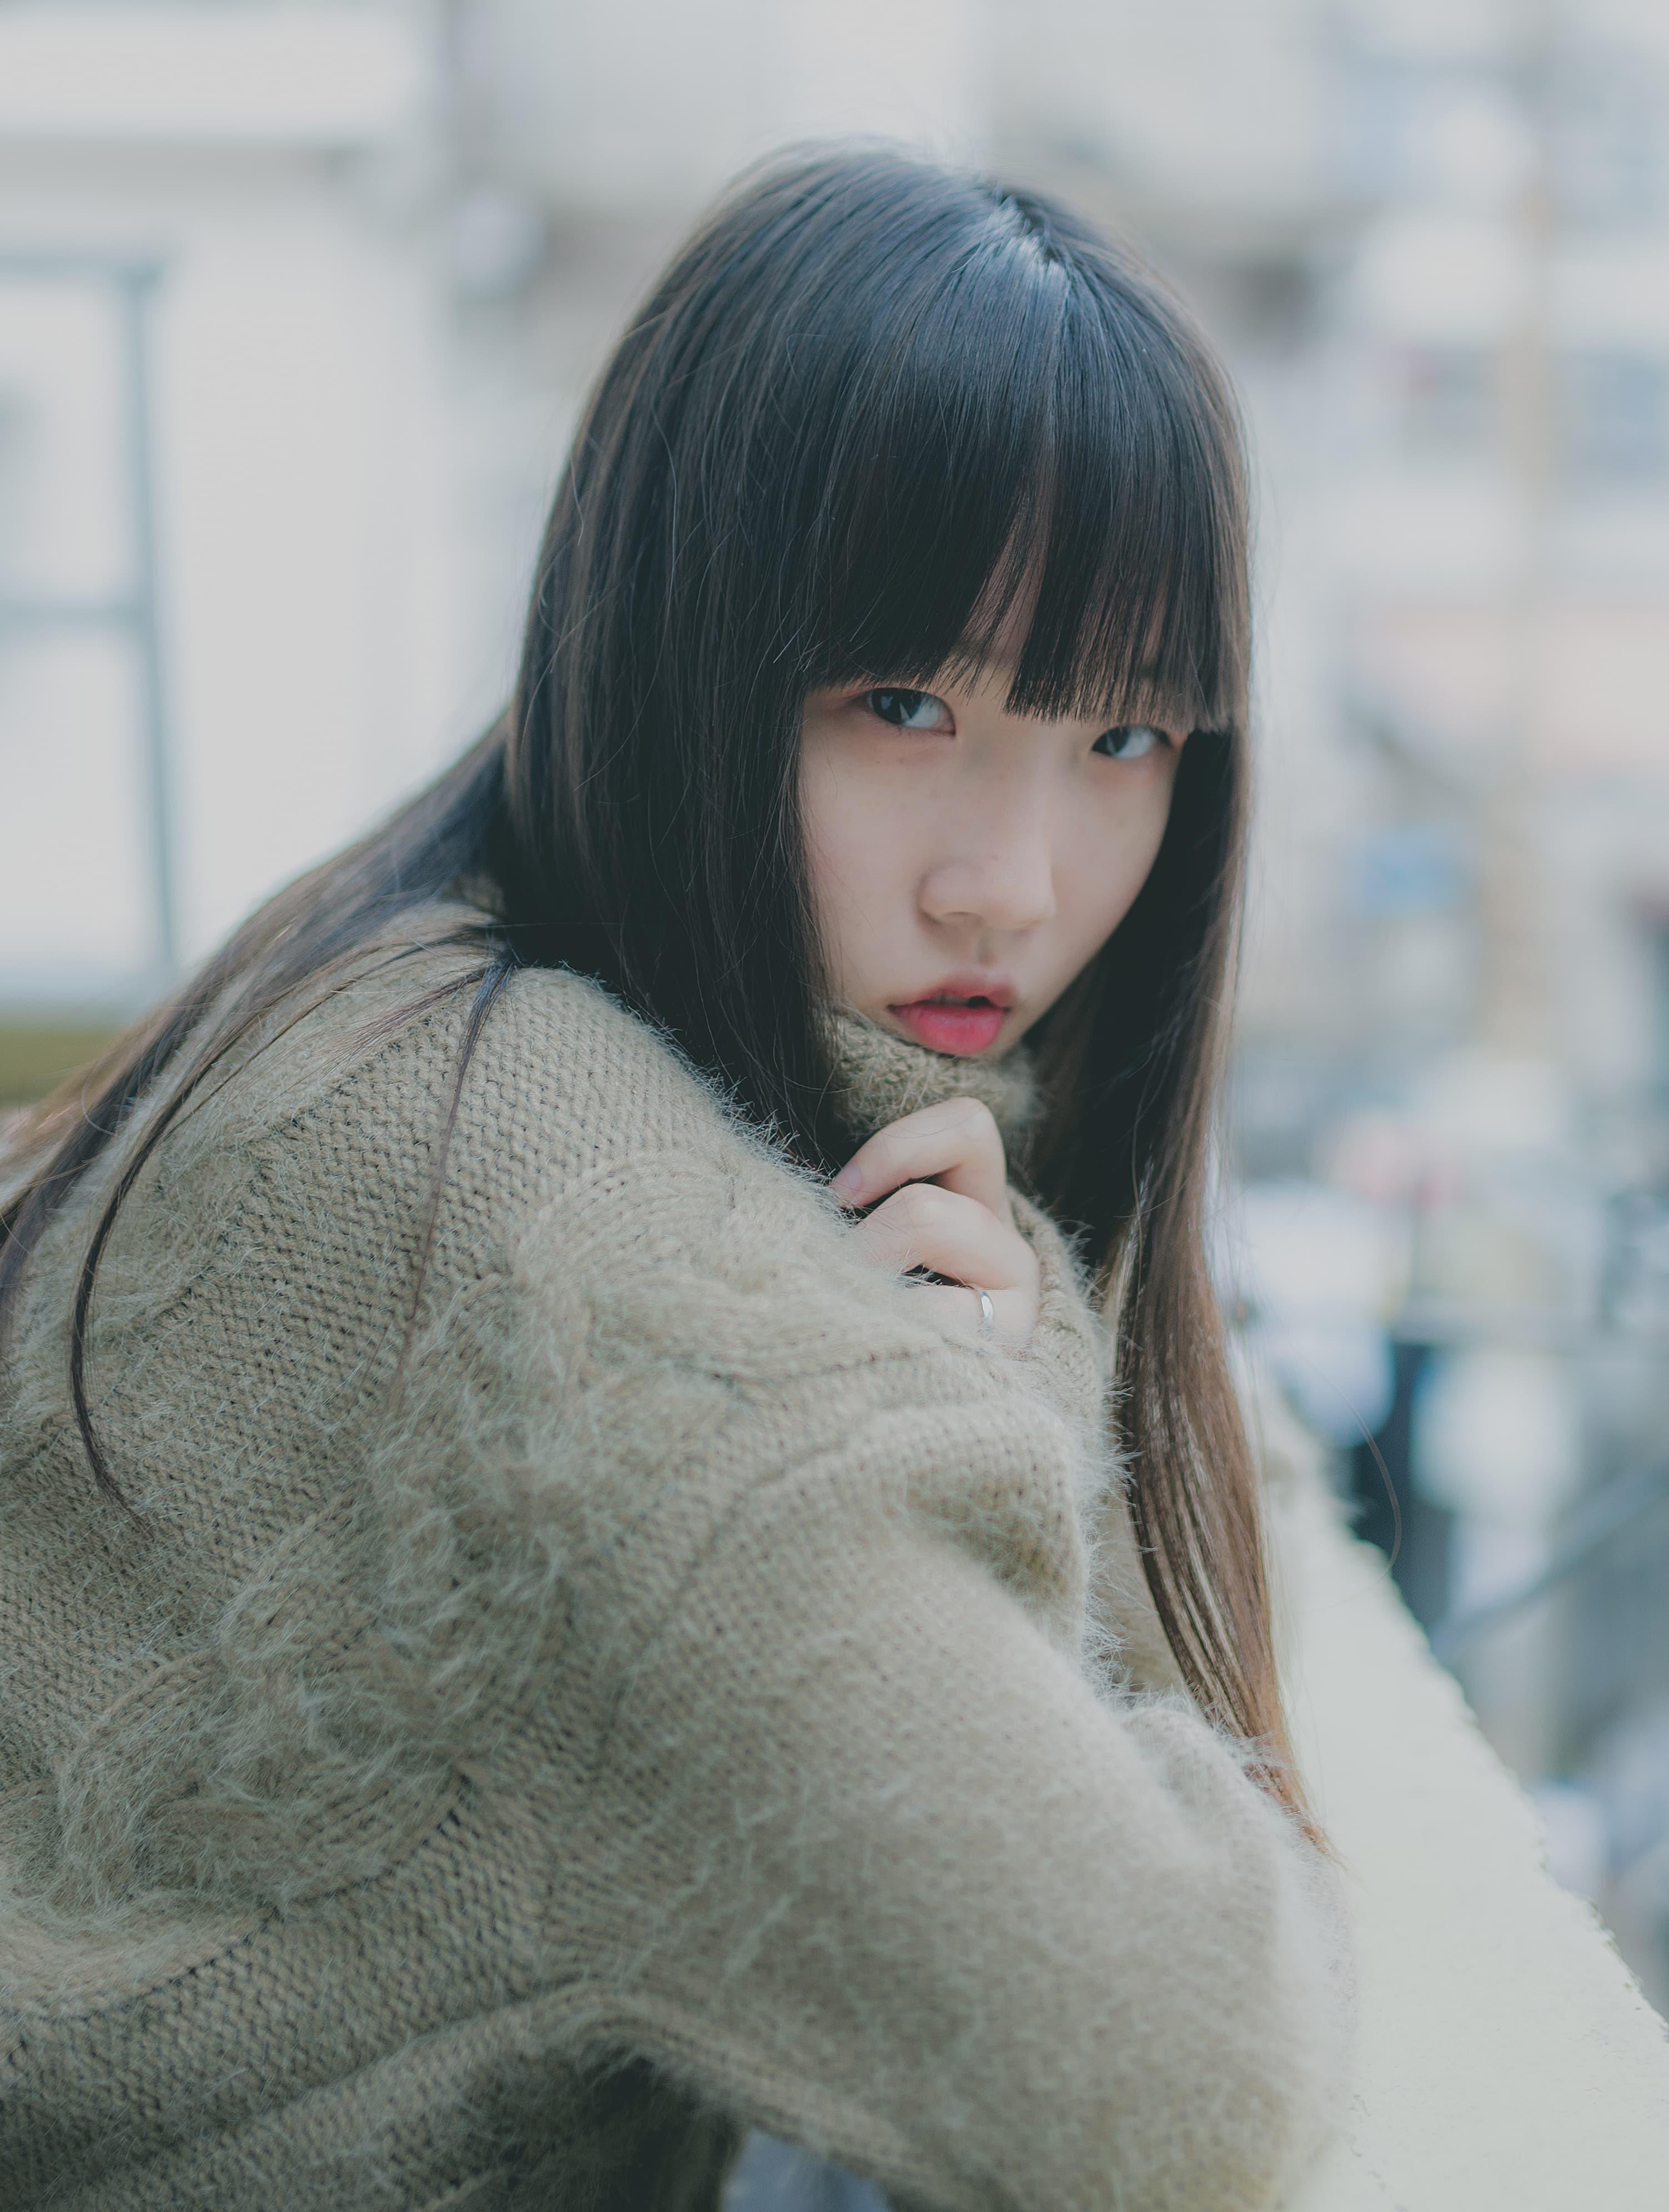 又一位圈内大拿情涩摄影师「柚木yuzuki」落马,背后都是暴利惹的祸的图片-高老四博客 第1张